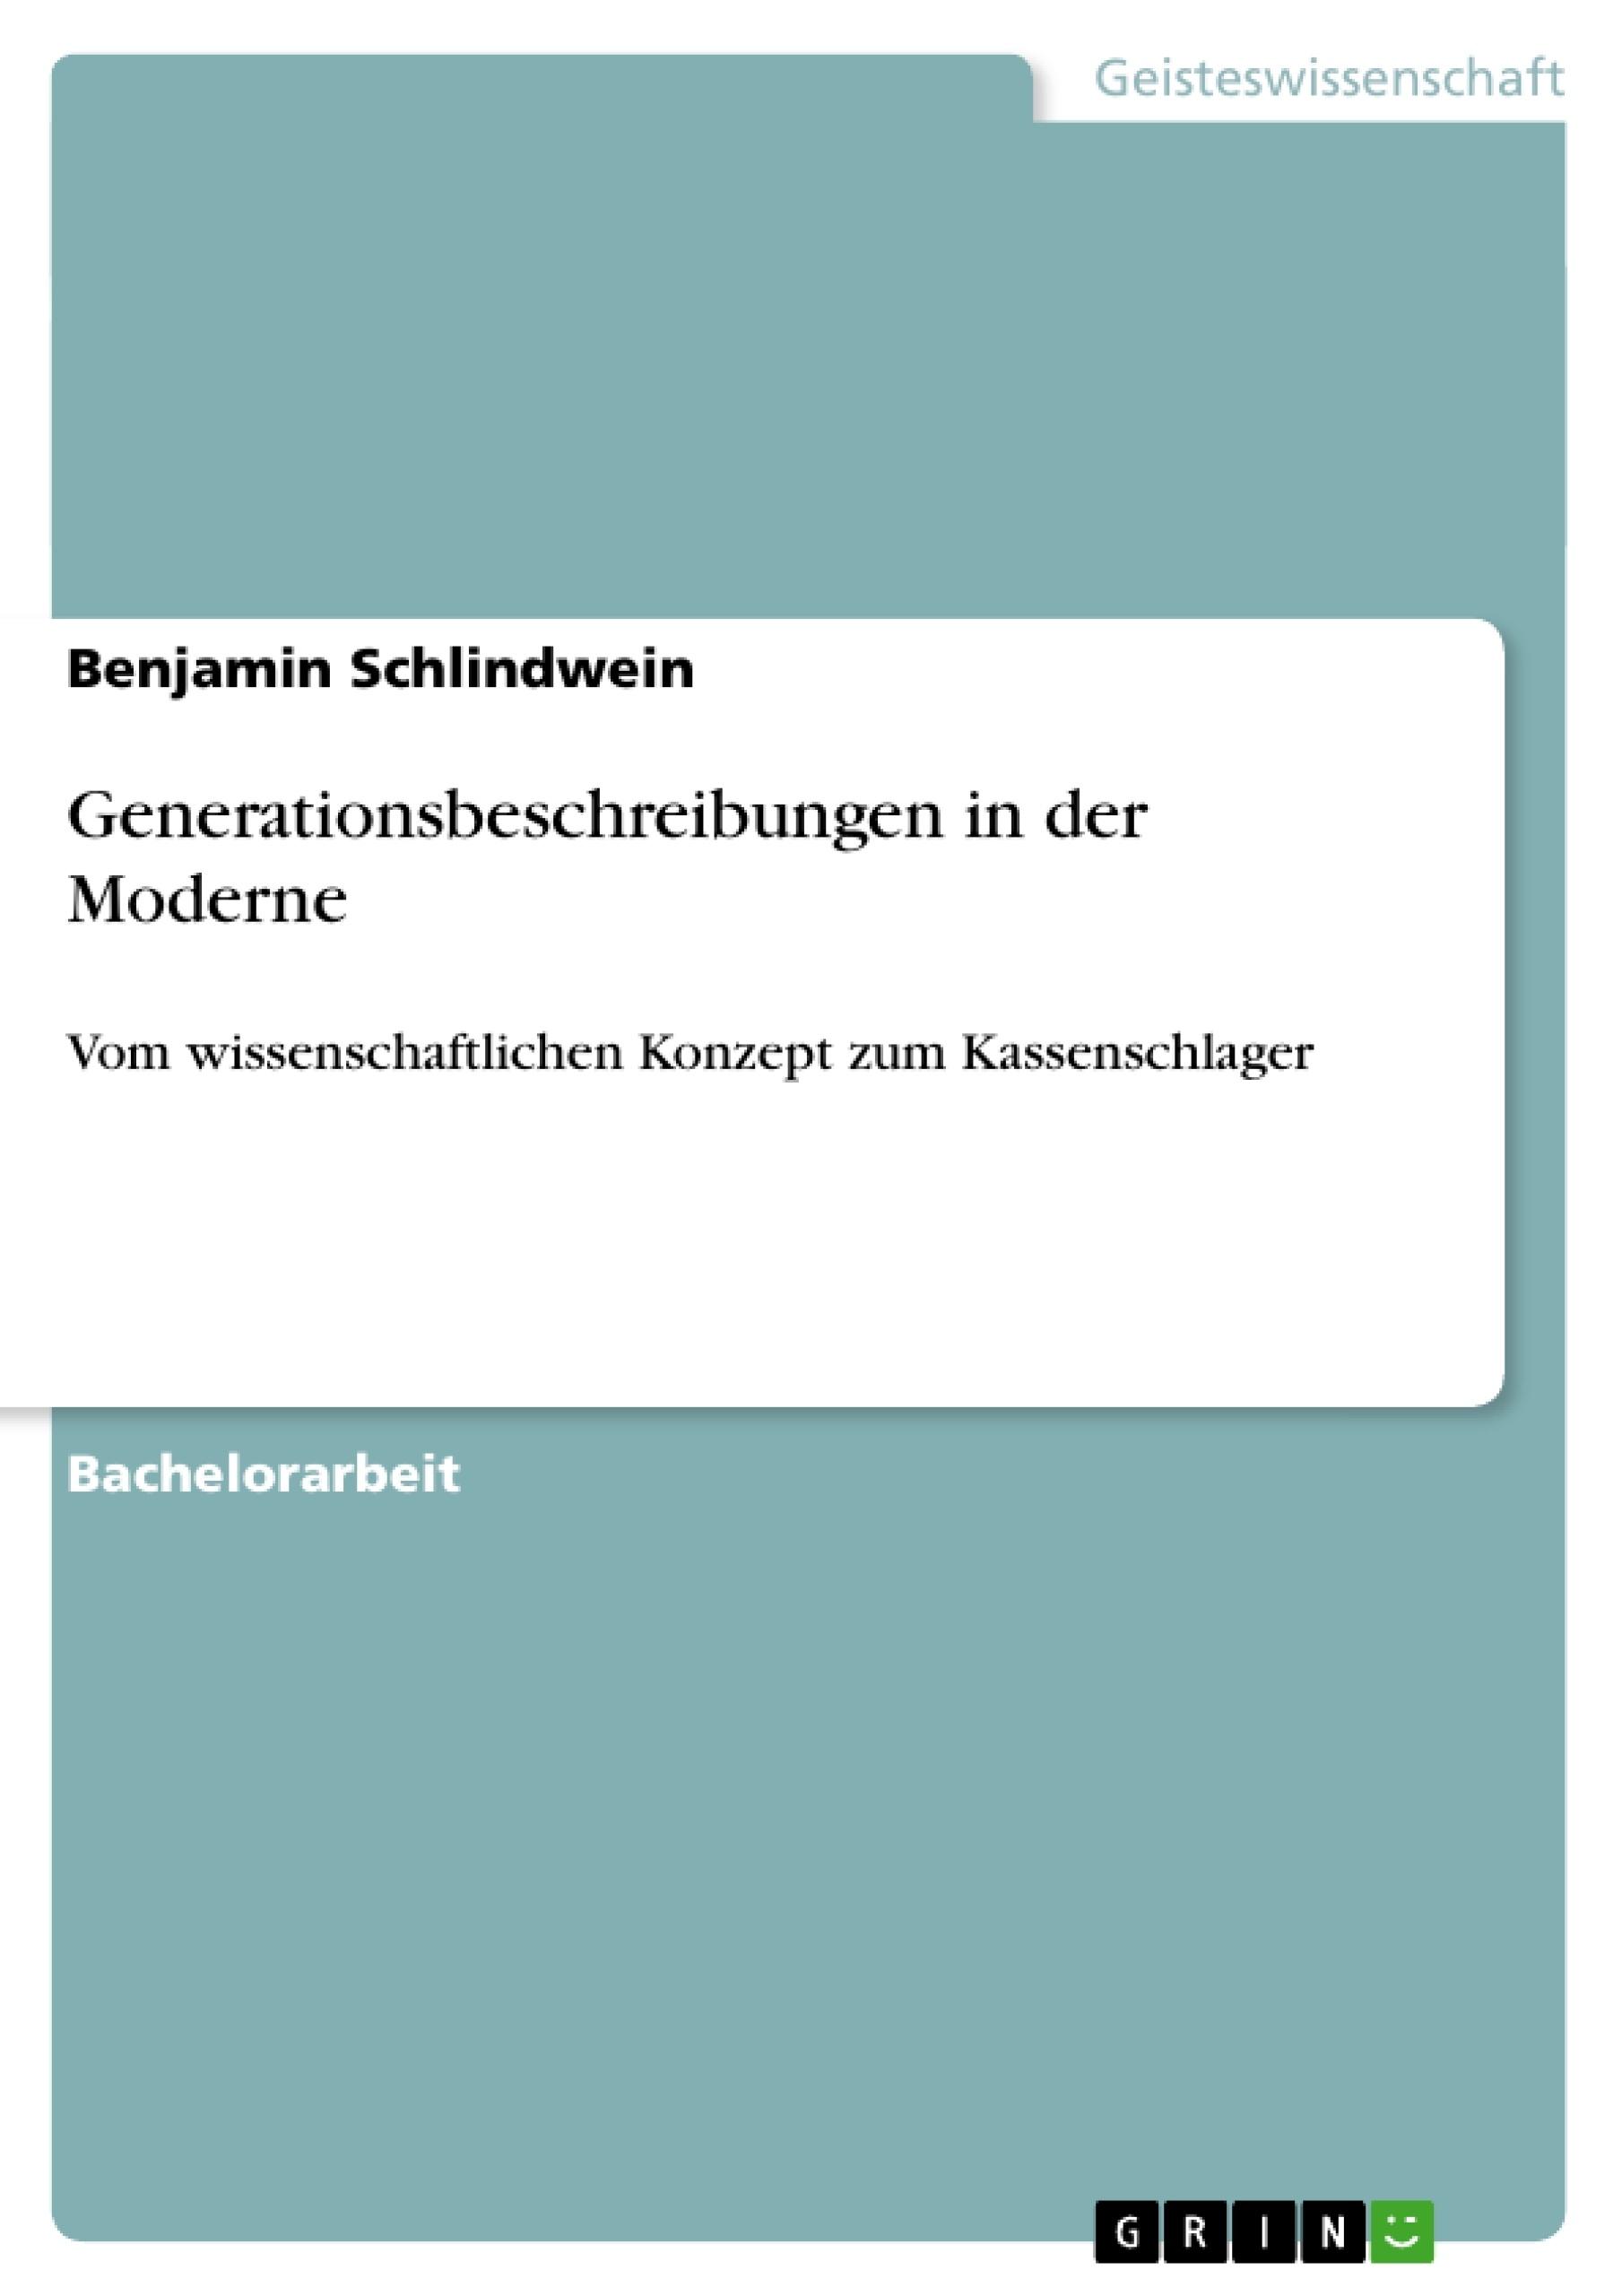 Titel: Generationsbeschreibungen in der Moderne